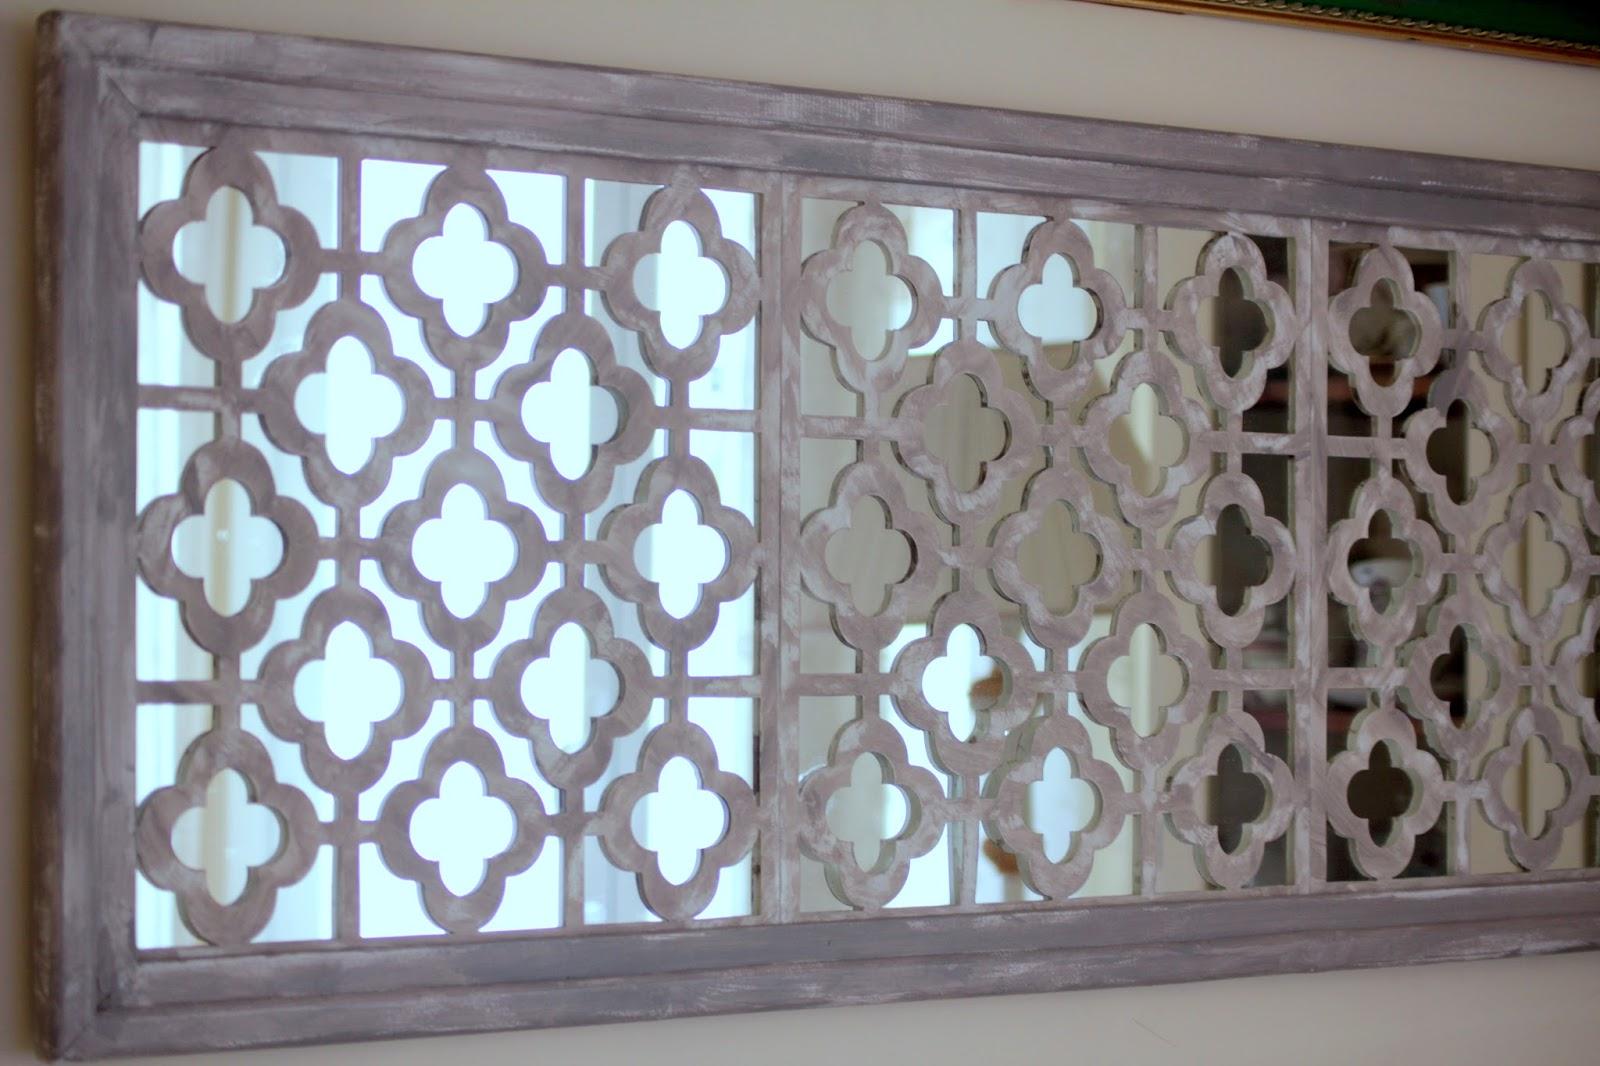 Cornici porta tv specchiera in stile rococò specchi e cornici